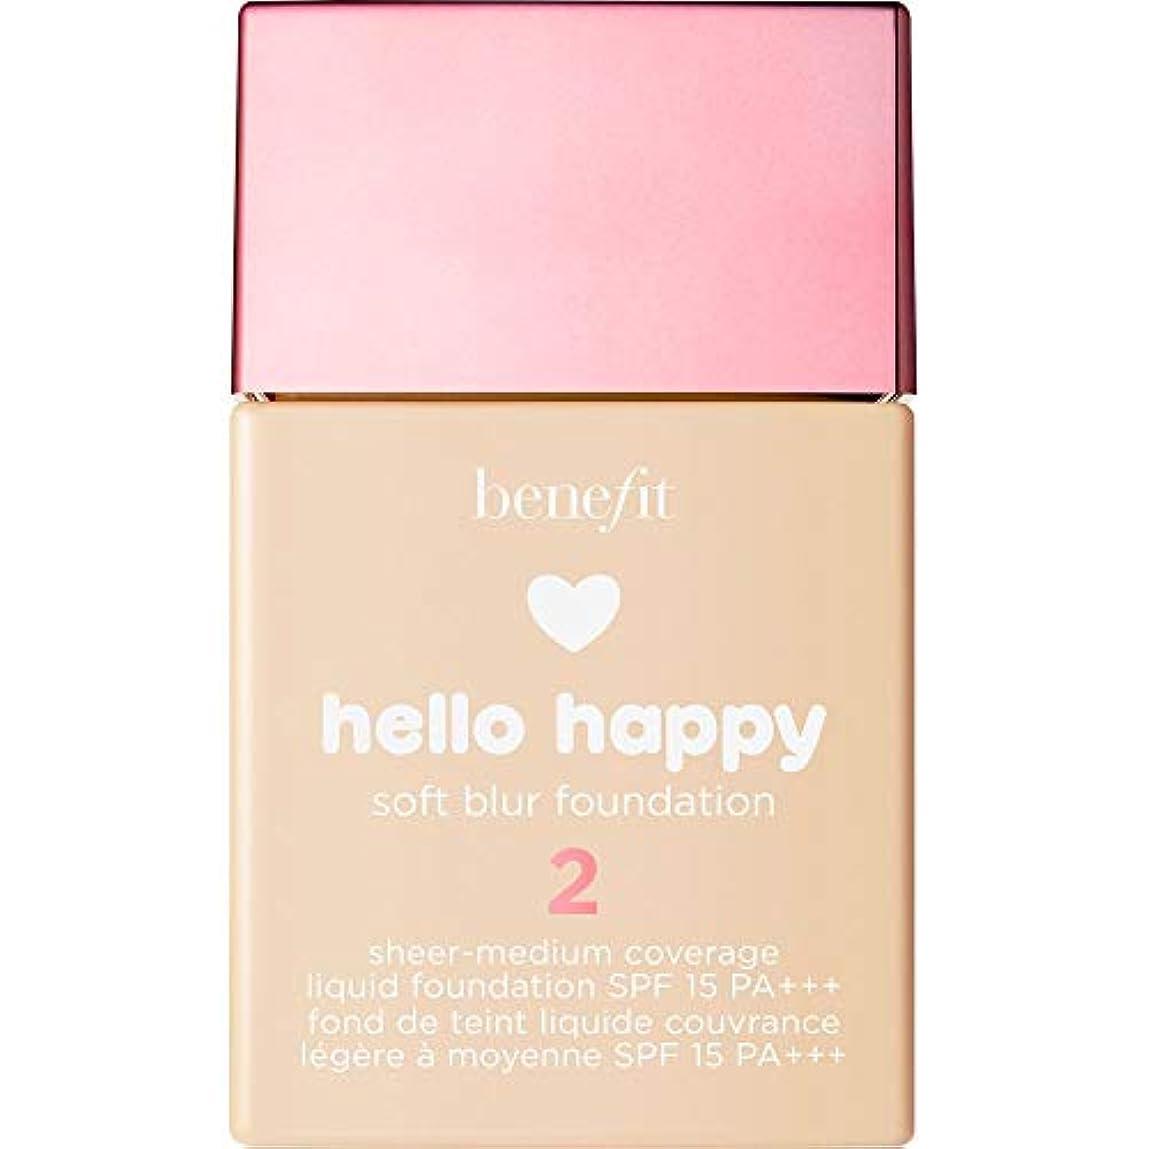 忌み嫌う親指共産主義[Benefit ] こんにちは幸せなソフトブラー基礎Spf15 30ミリリットル2に利益をもたらす - 暖かい光 - Benefit Hello Happy Soft Blur Foundation SPF15 30ml...